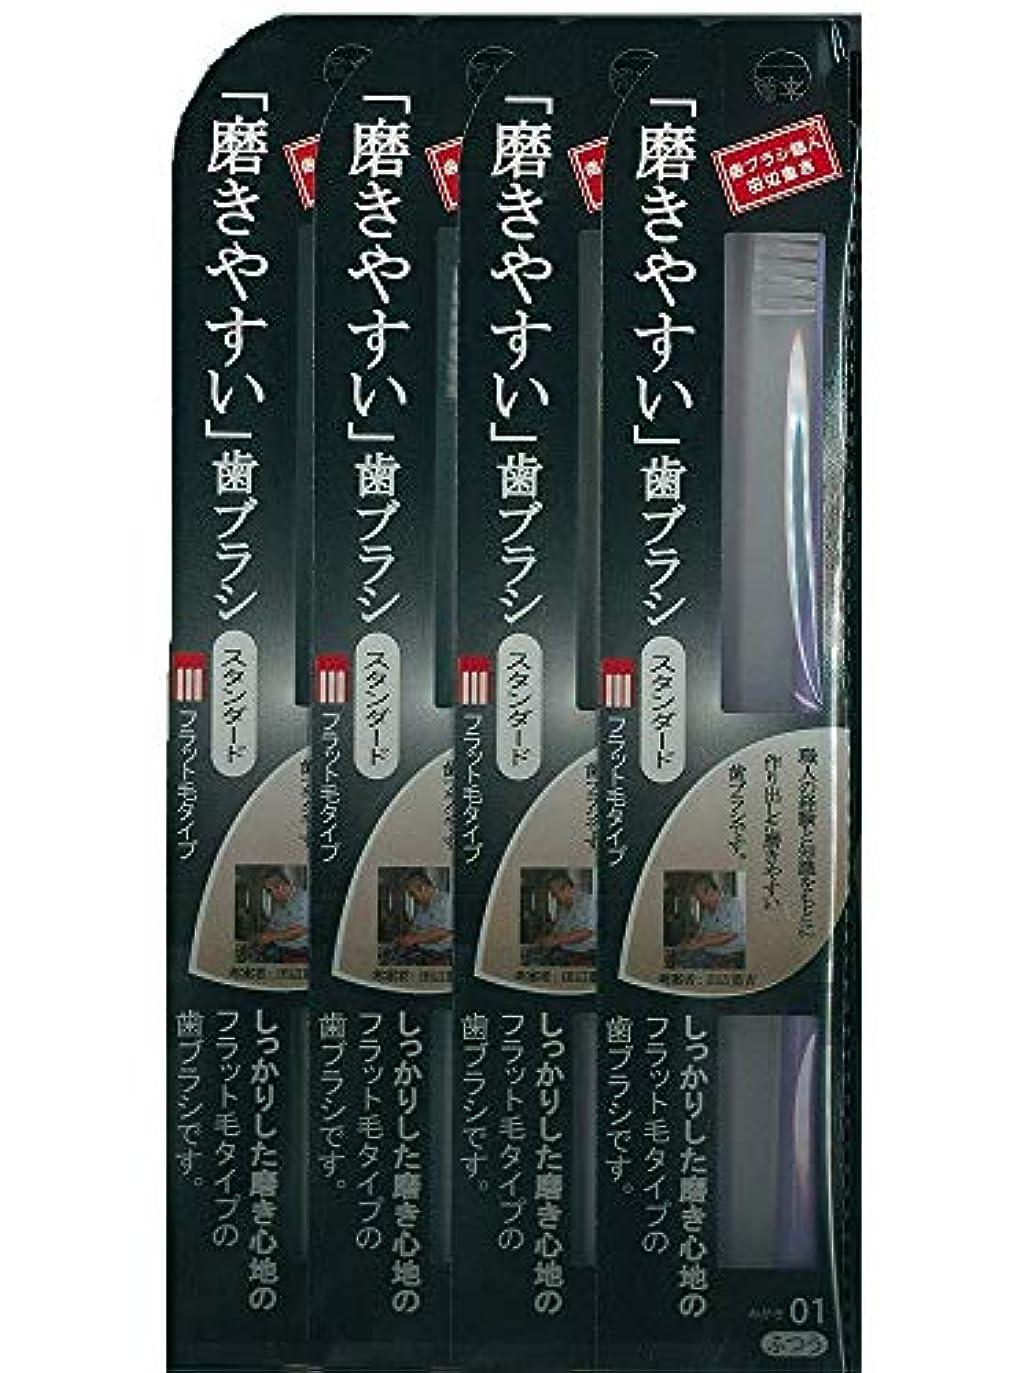 半導体衛星批判的歯ブラシ職人 田辺重吉 磨きやすい歯ブラシ スタンダード フラット毛タイプ LT-01 (1本×4個セット)